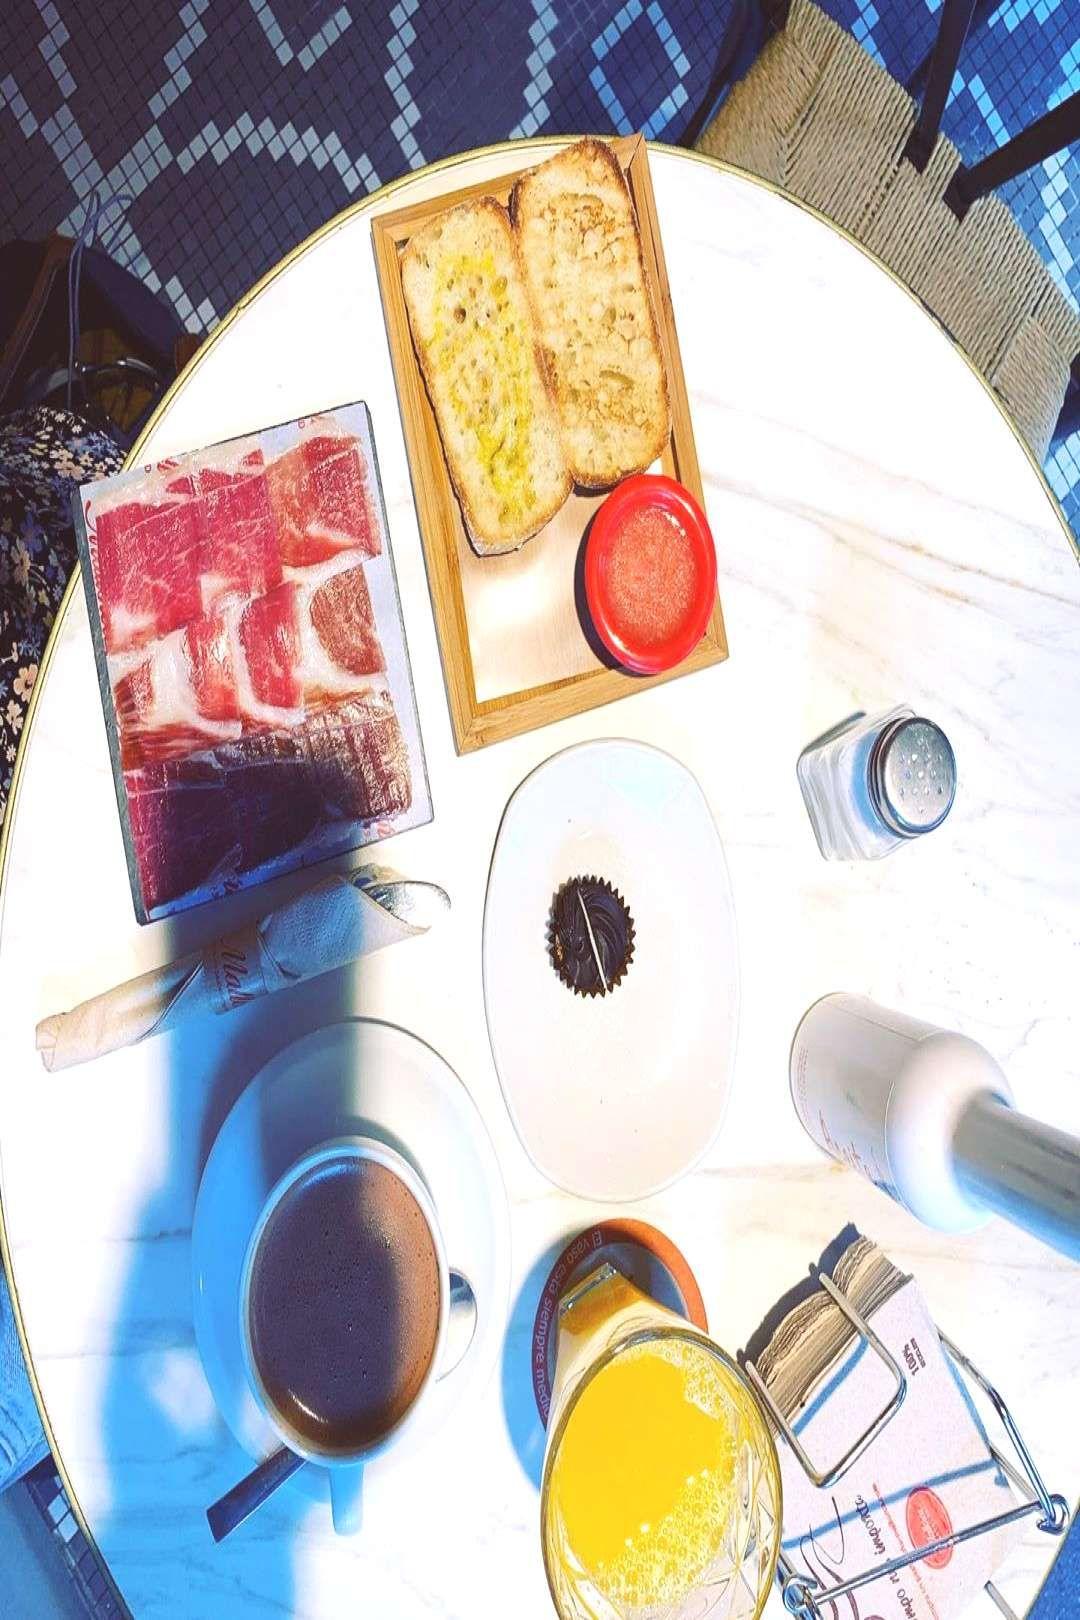 #desayuno #vacacion #february #desayun #antiguo #grande #barrio #212020 #photo #jup #en #mi #de #lo #by Desayuno de vacacion - a lo grande en mi antiguo barrio! #desayunYou can find Chocolate drink and more...